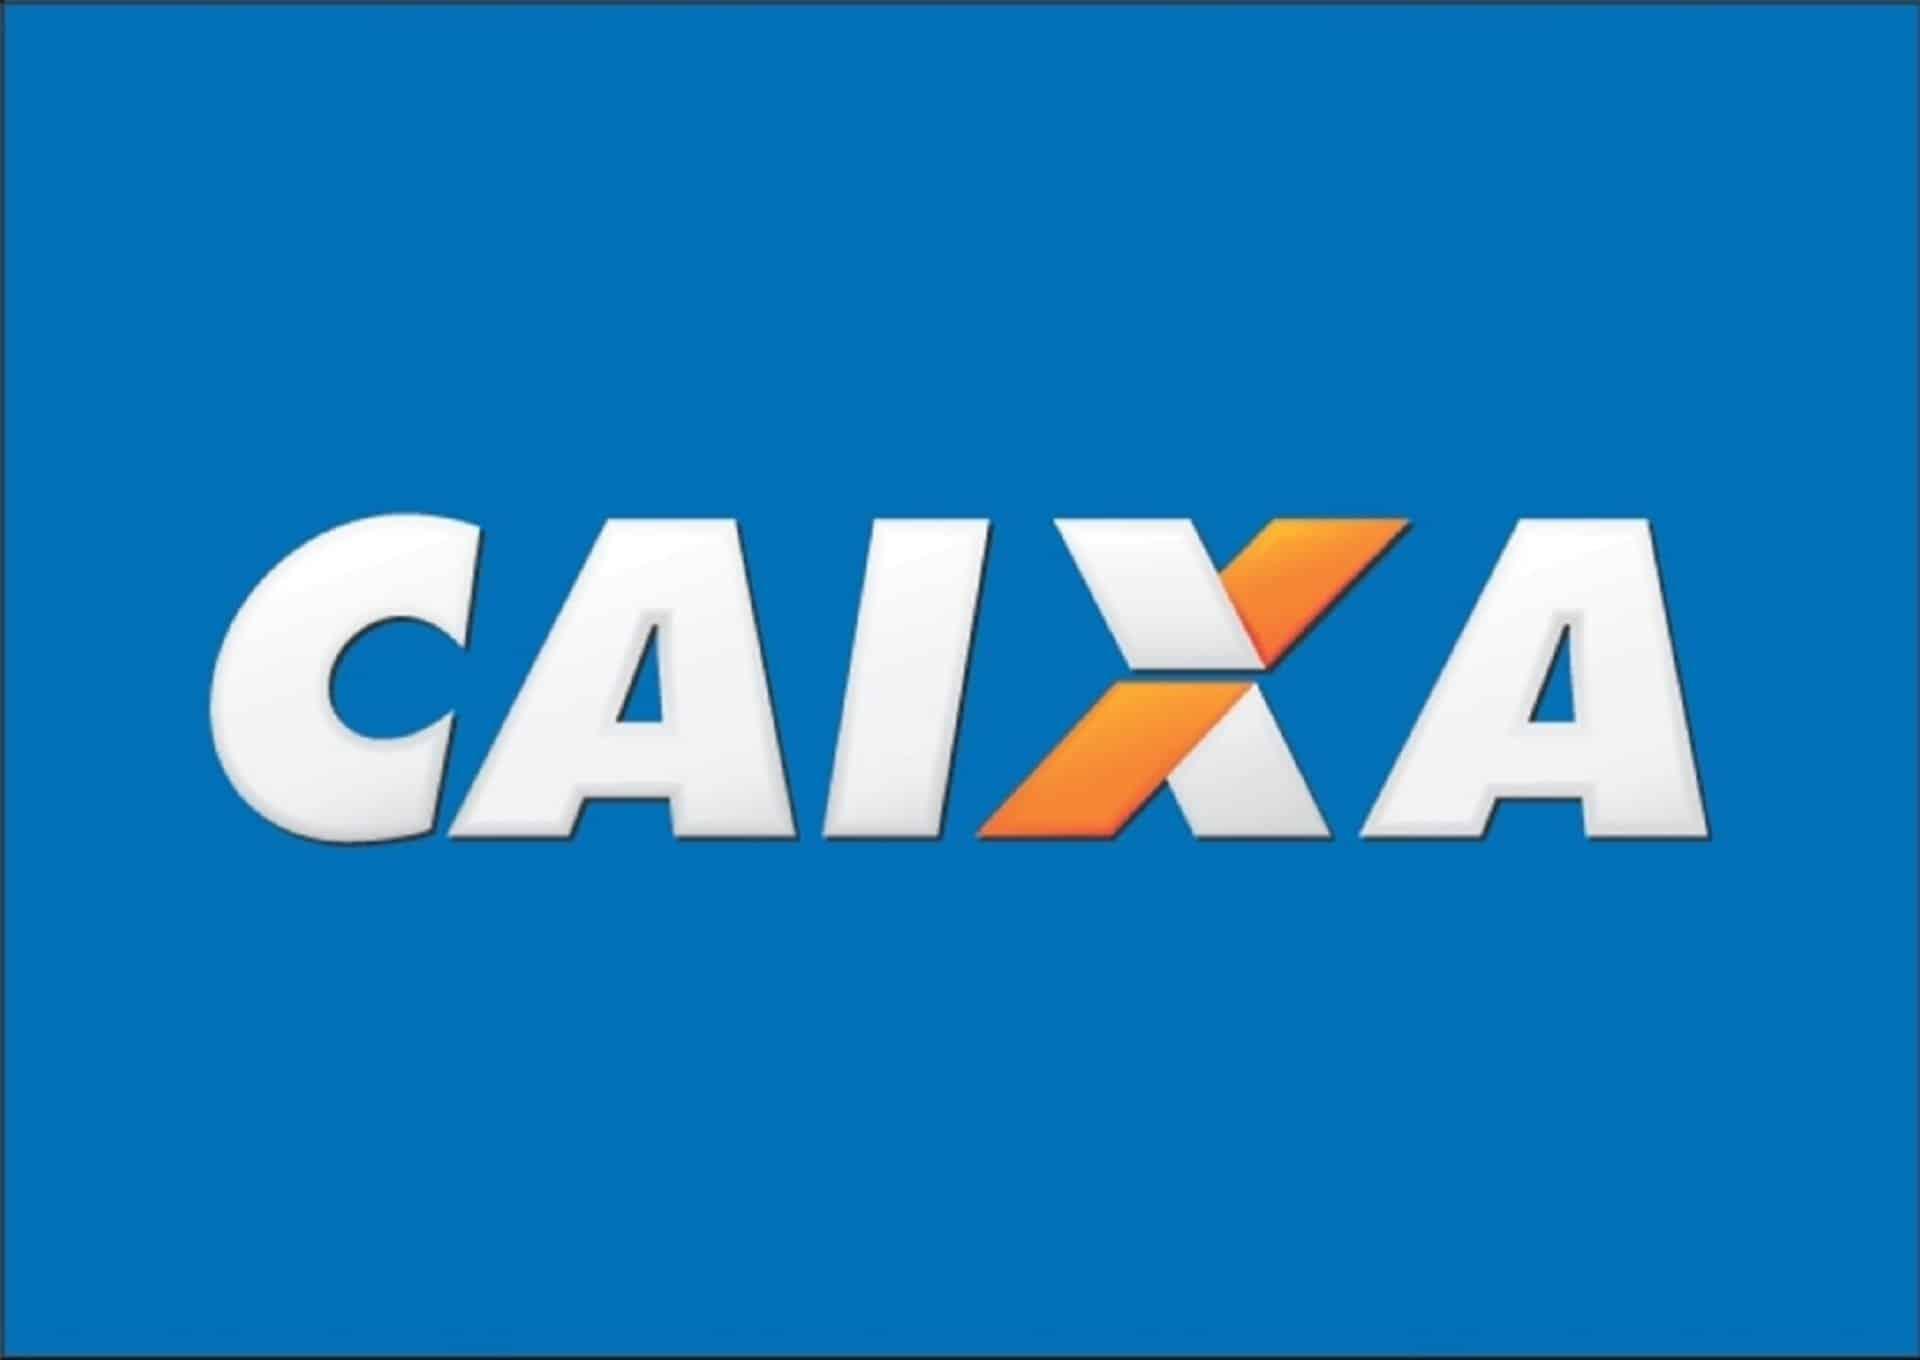 Pague seu financiamento imobiliário na CAIXA com descontos de até 75%